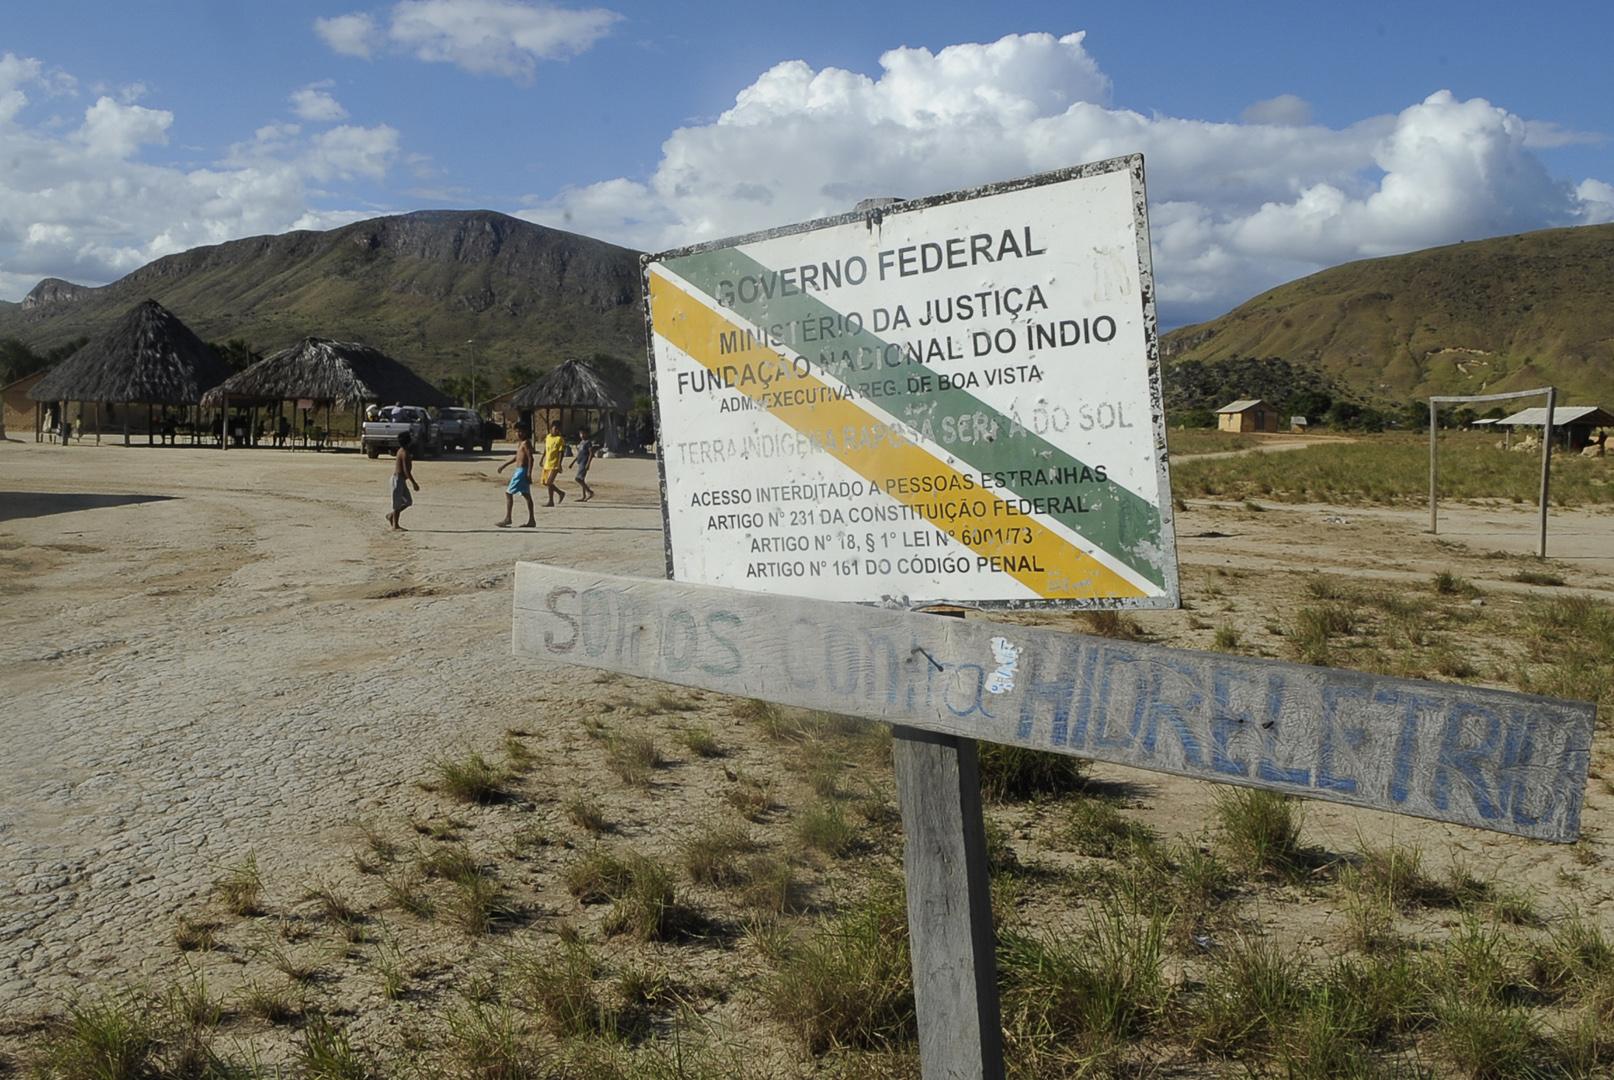 Lideranças históricas na Raposa Serra do Sol estão entre as vítimas da Covid-19